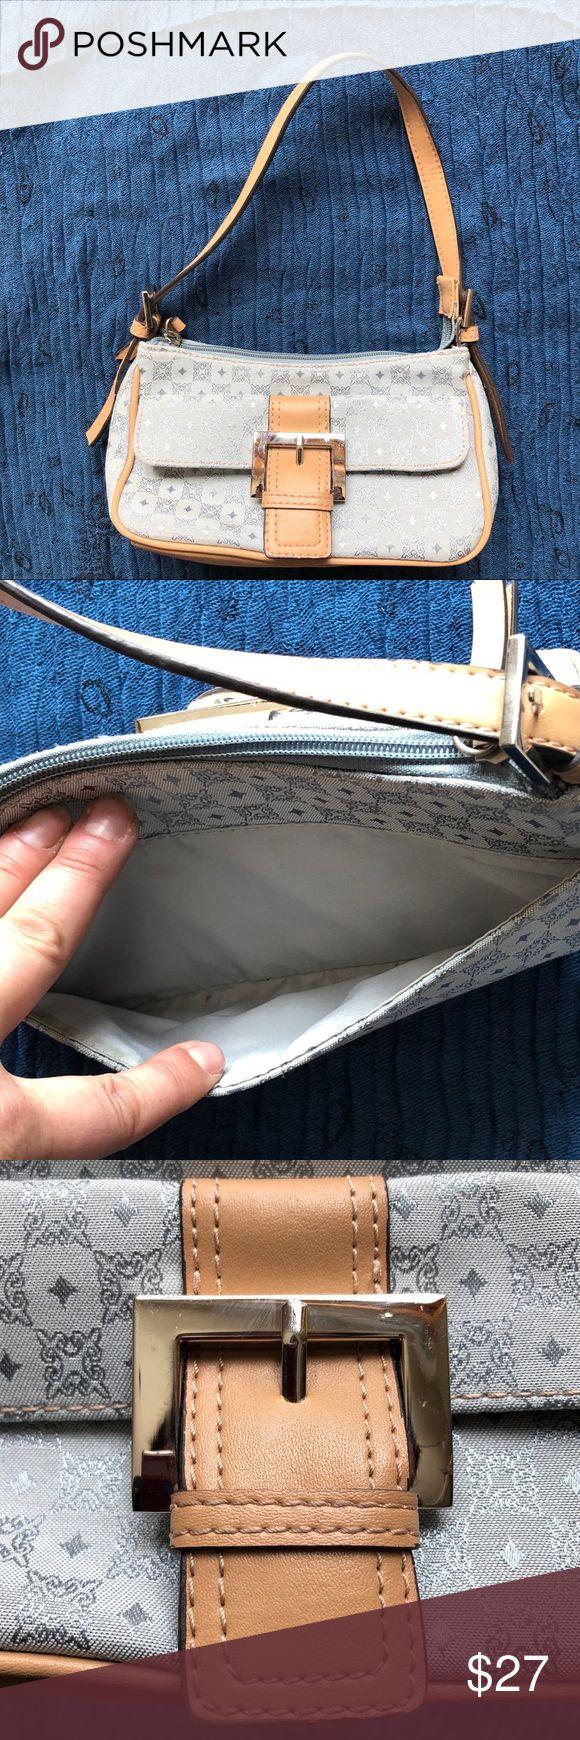 Villager bag by Liz Claiborne | Bags, Liz claiborne, Claiborne